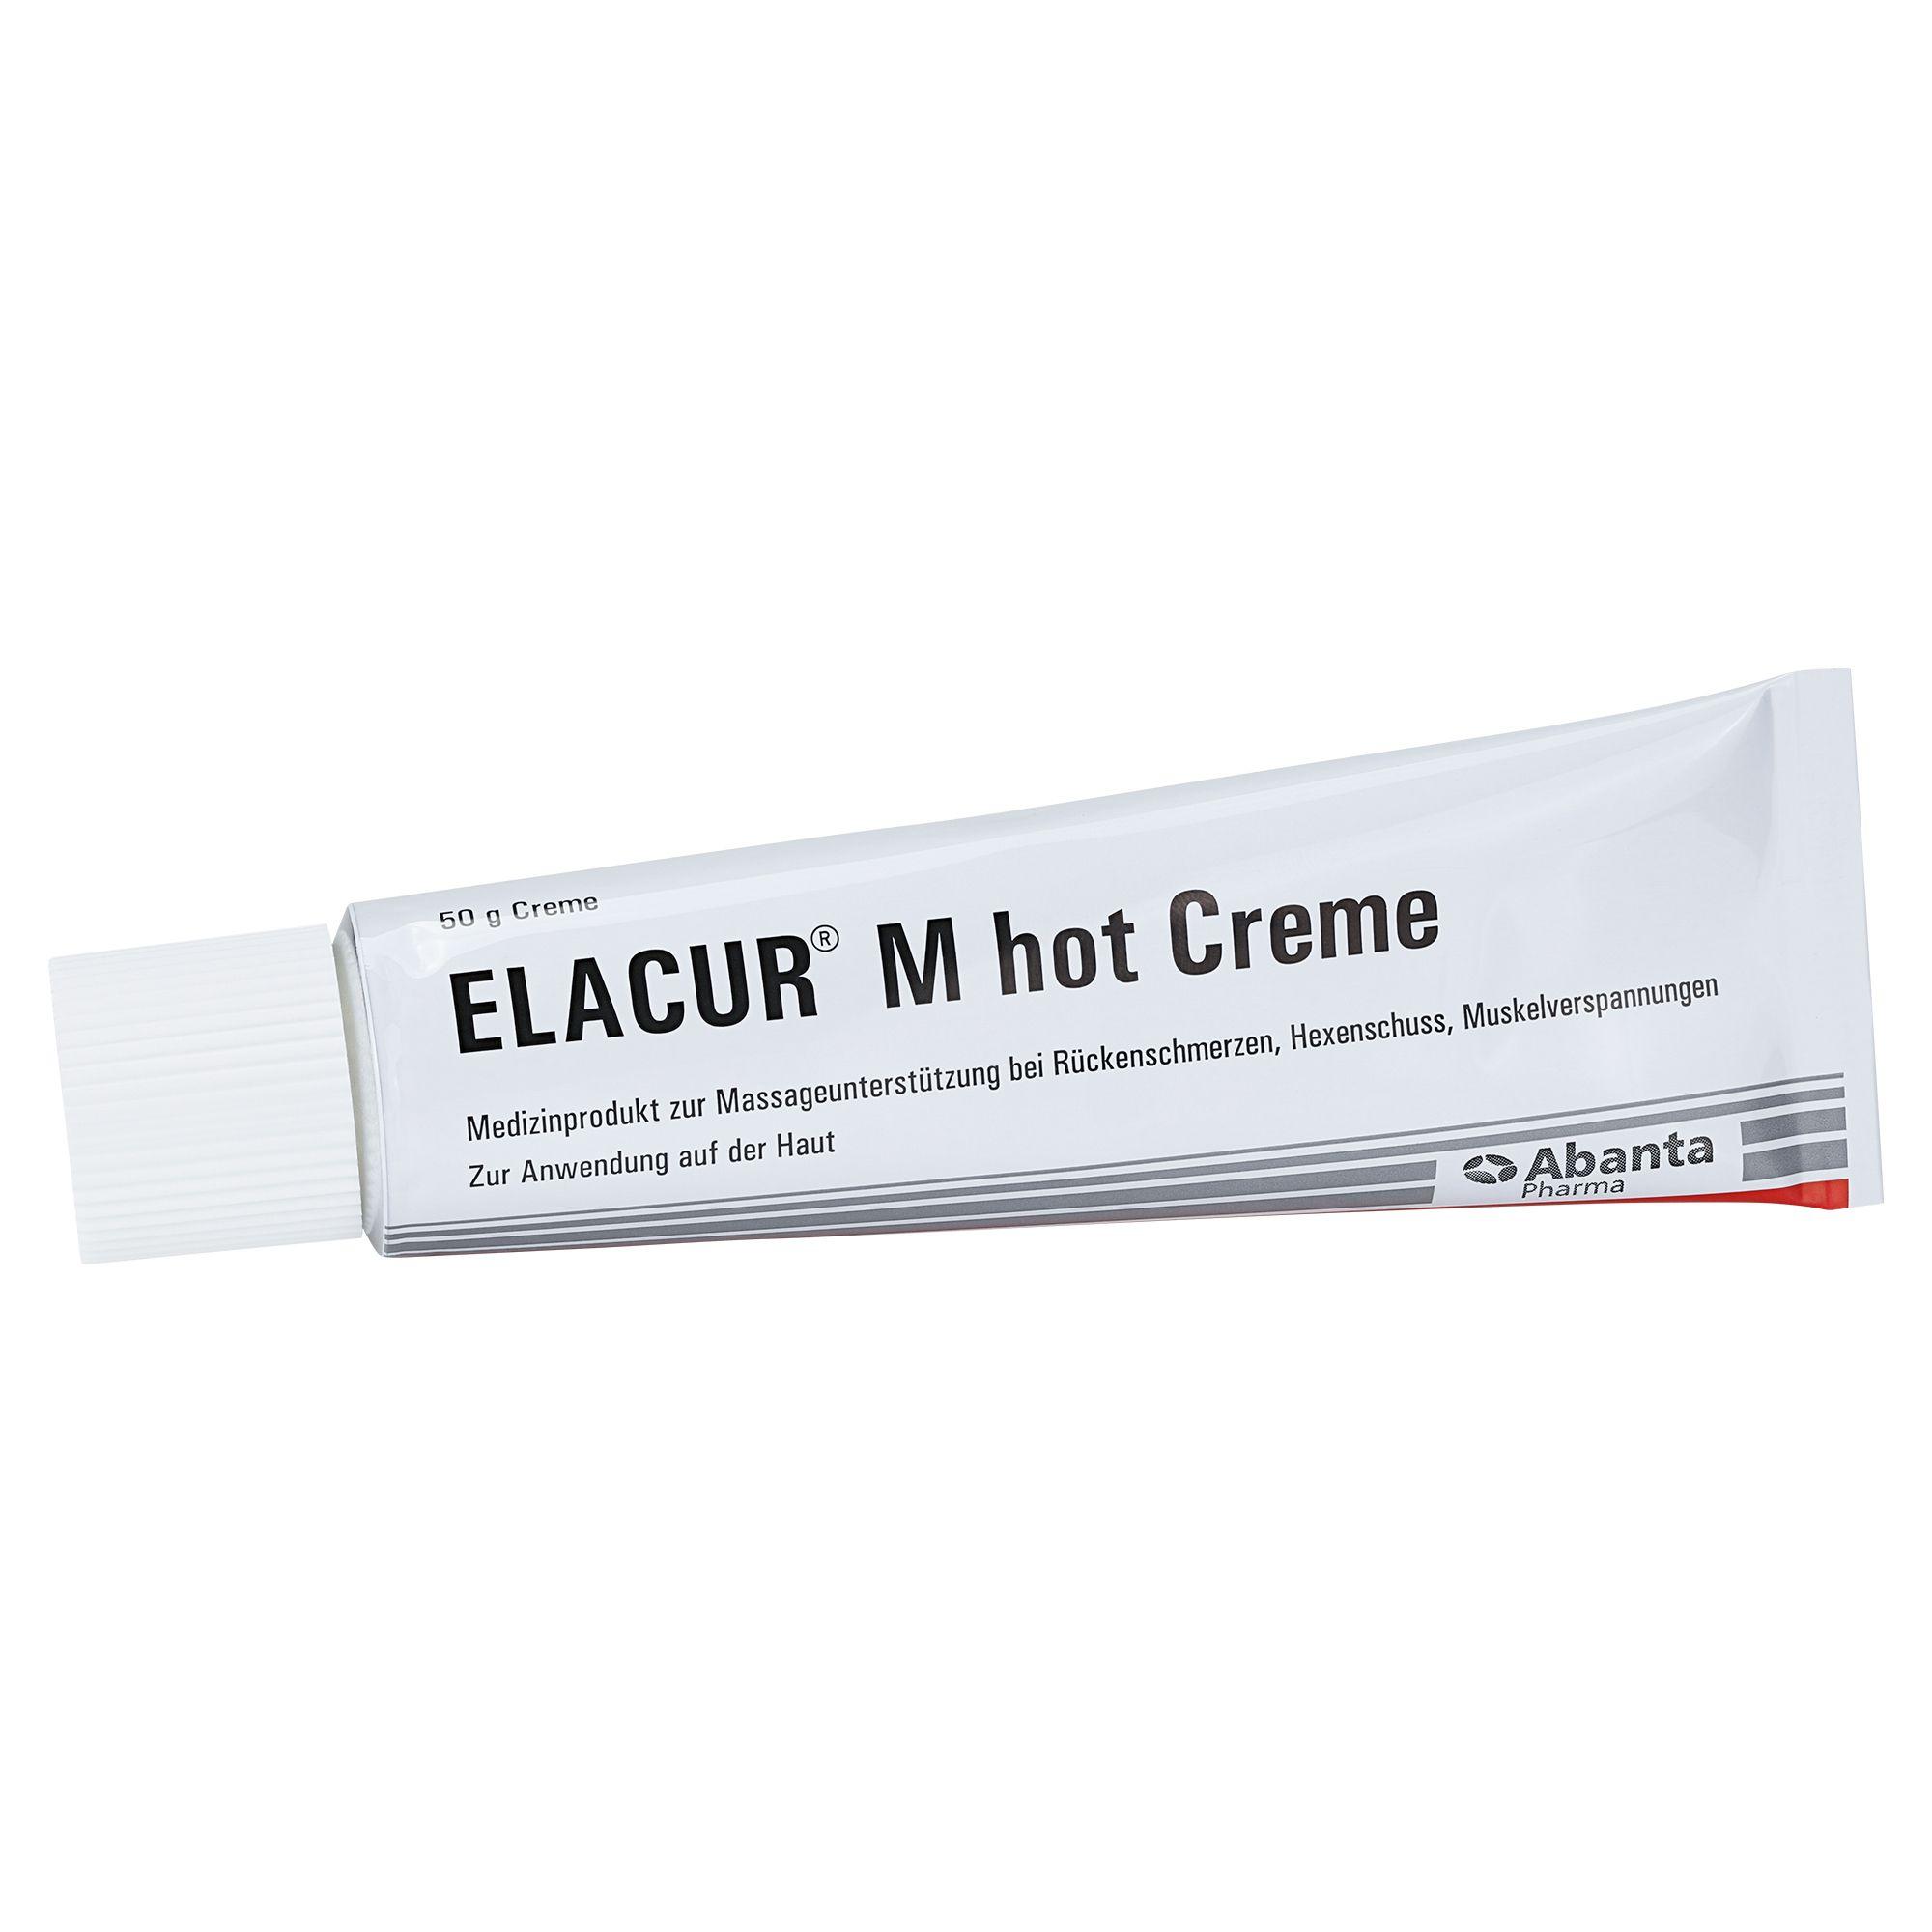 Elacur® M hot Creme